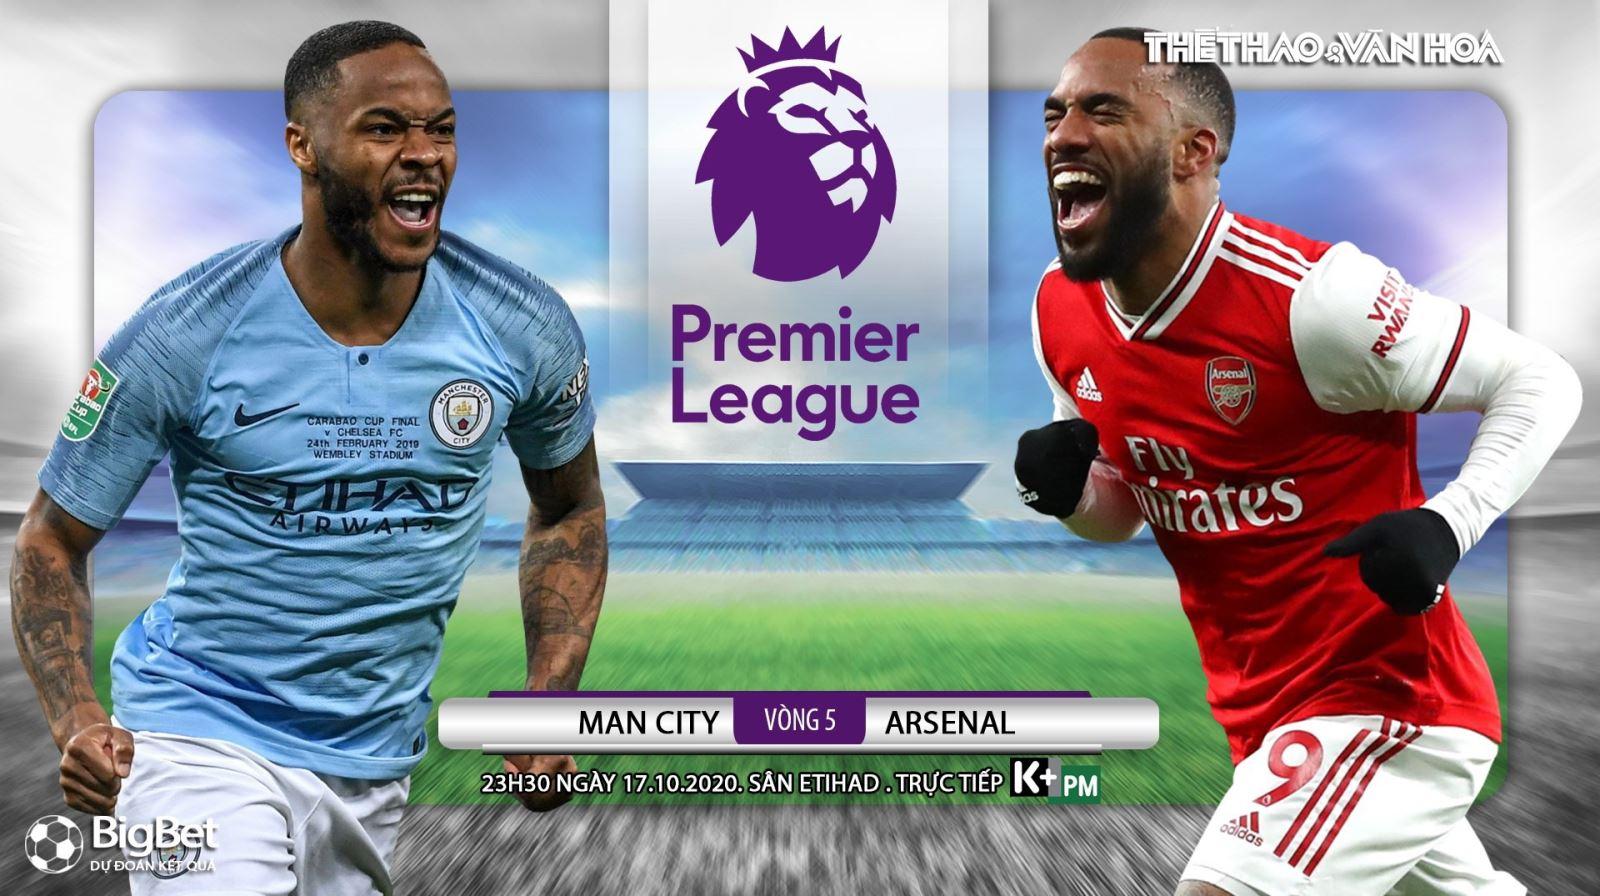 Soi kèo nhà cái Man City vs Arsenal. Ngoại hạng Anh vòng 5. Trực tiếp K+ PM